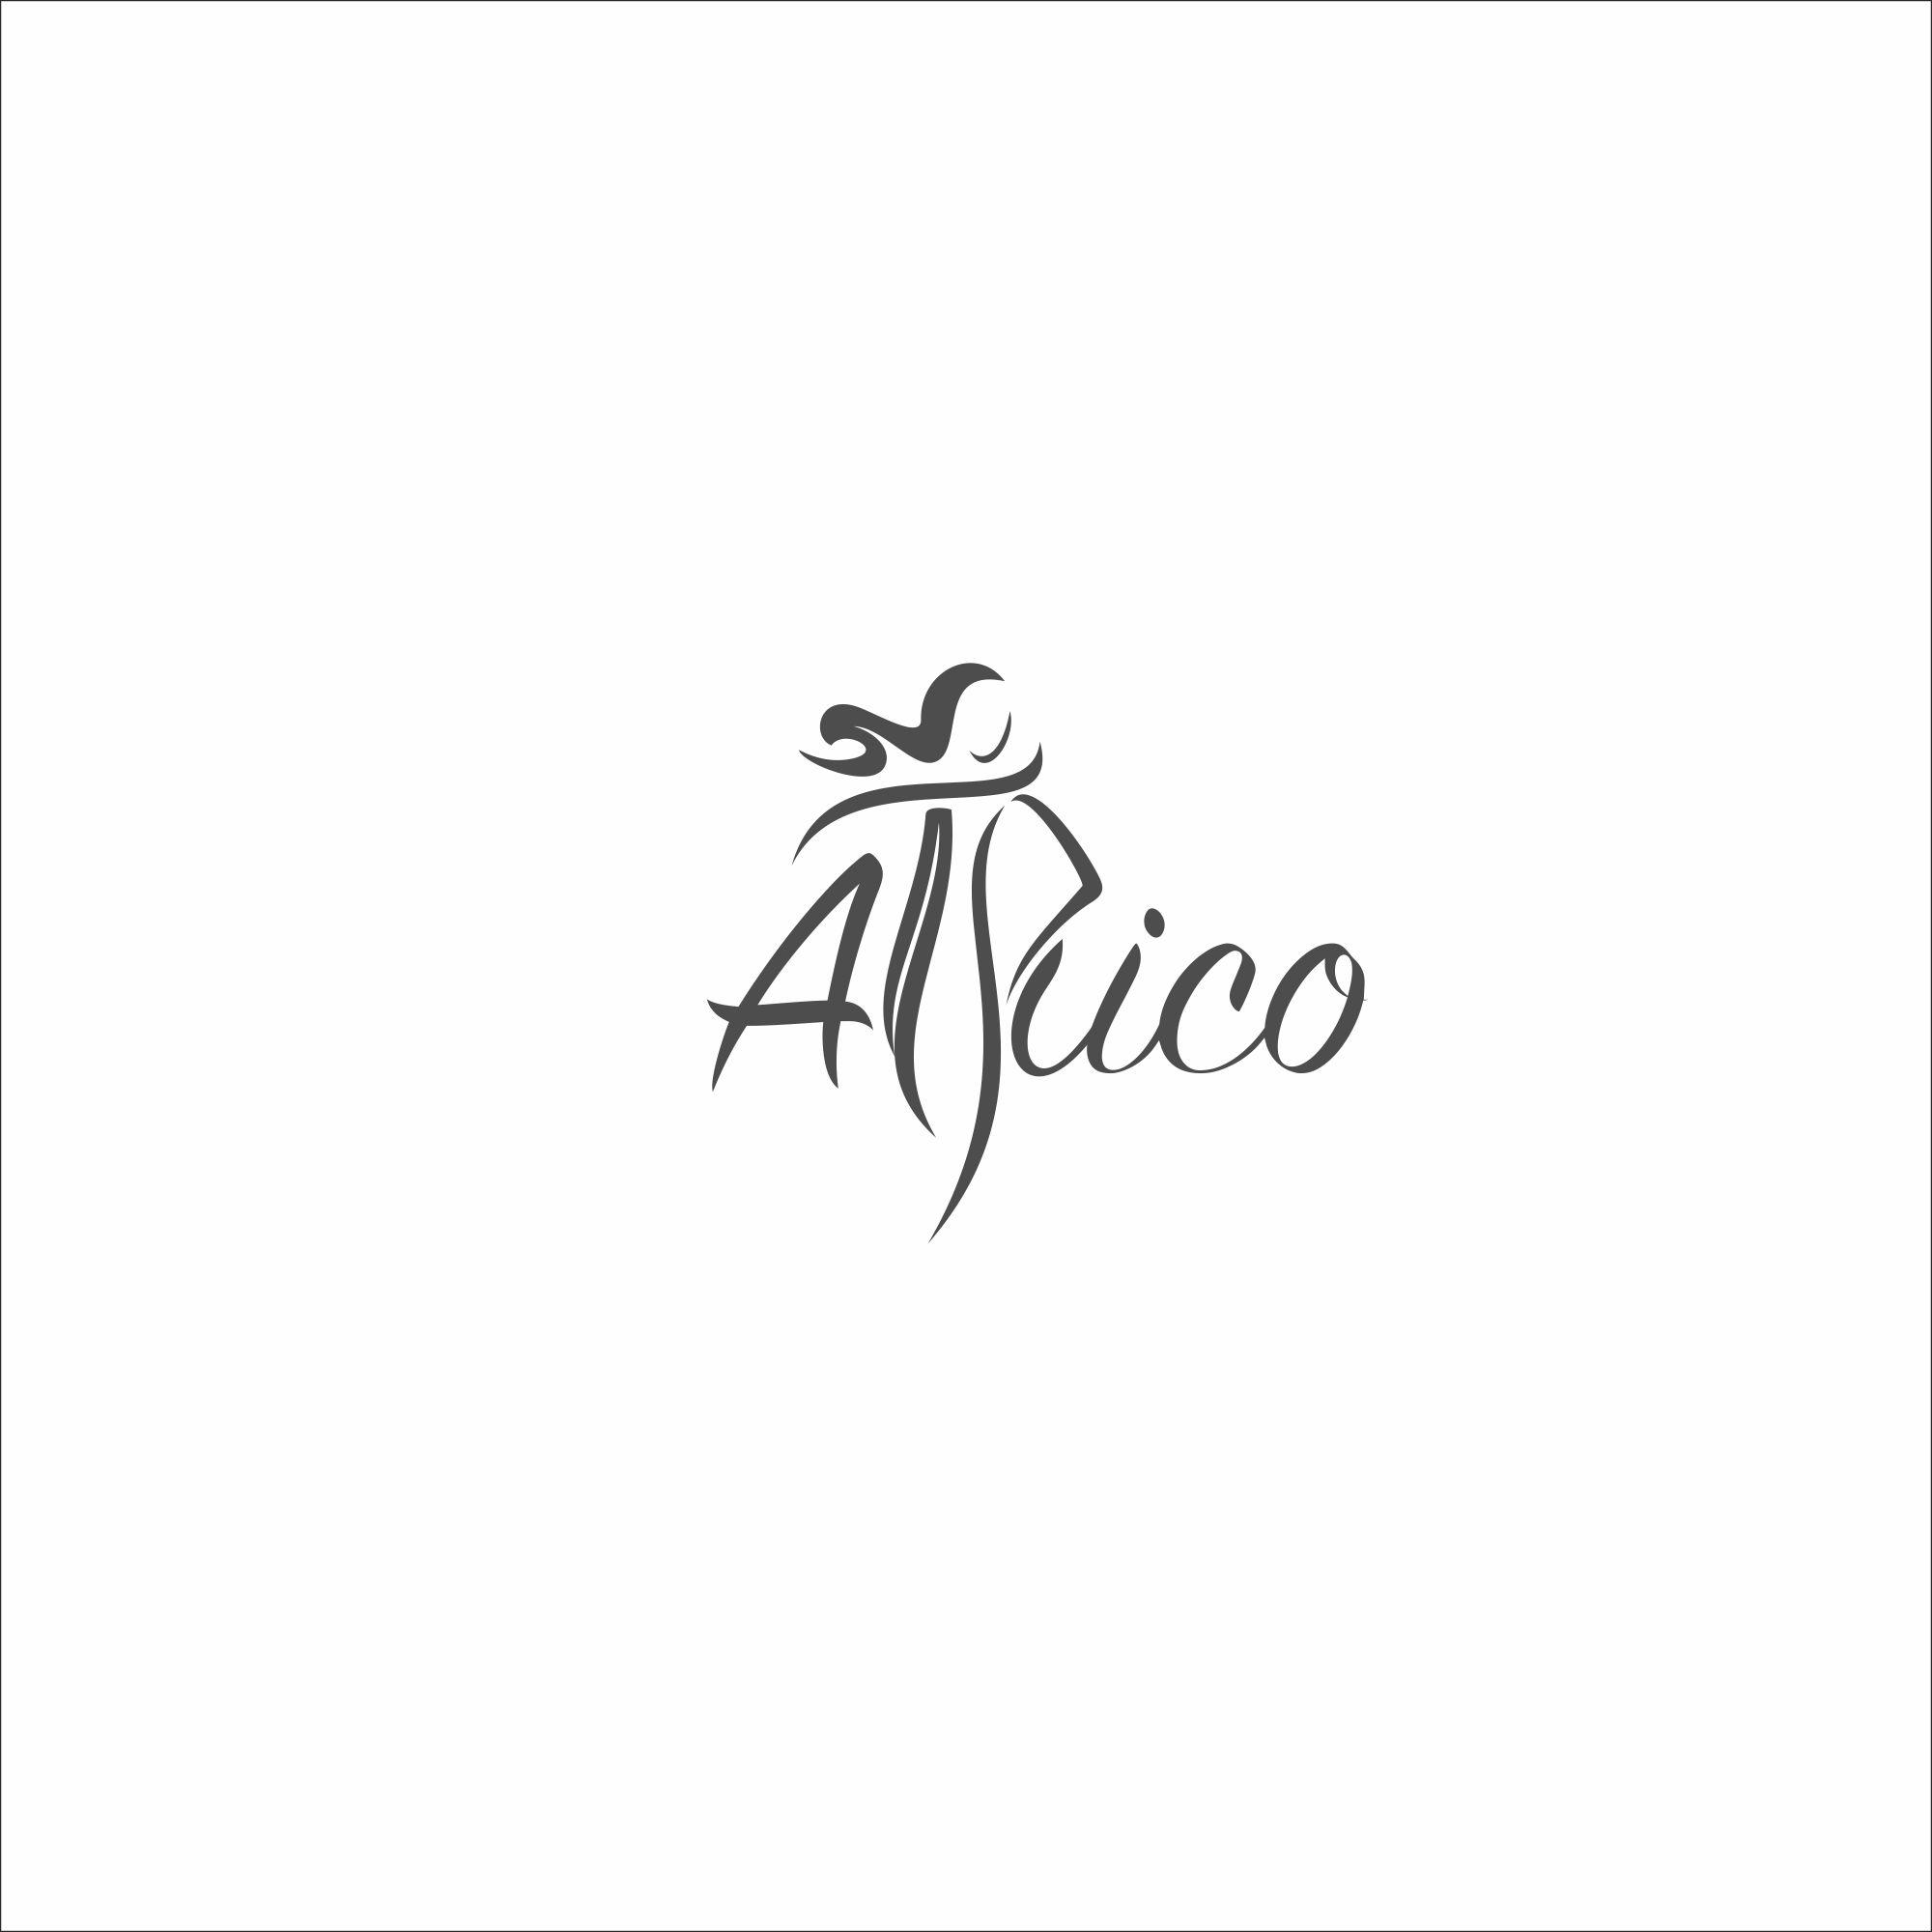 Логотип для брендовой пряжи и трикотажной одежды фото f_796600092f1d59d8.jpg